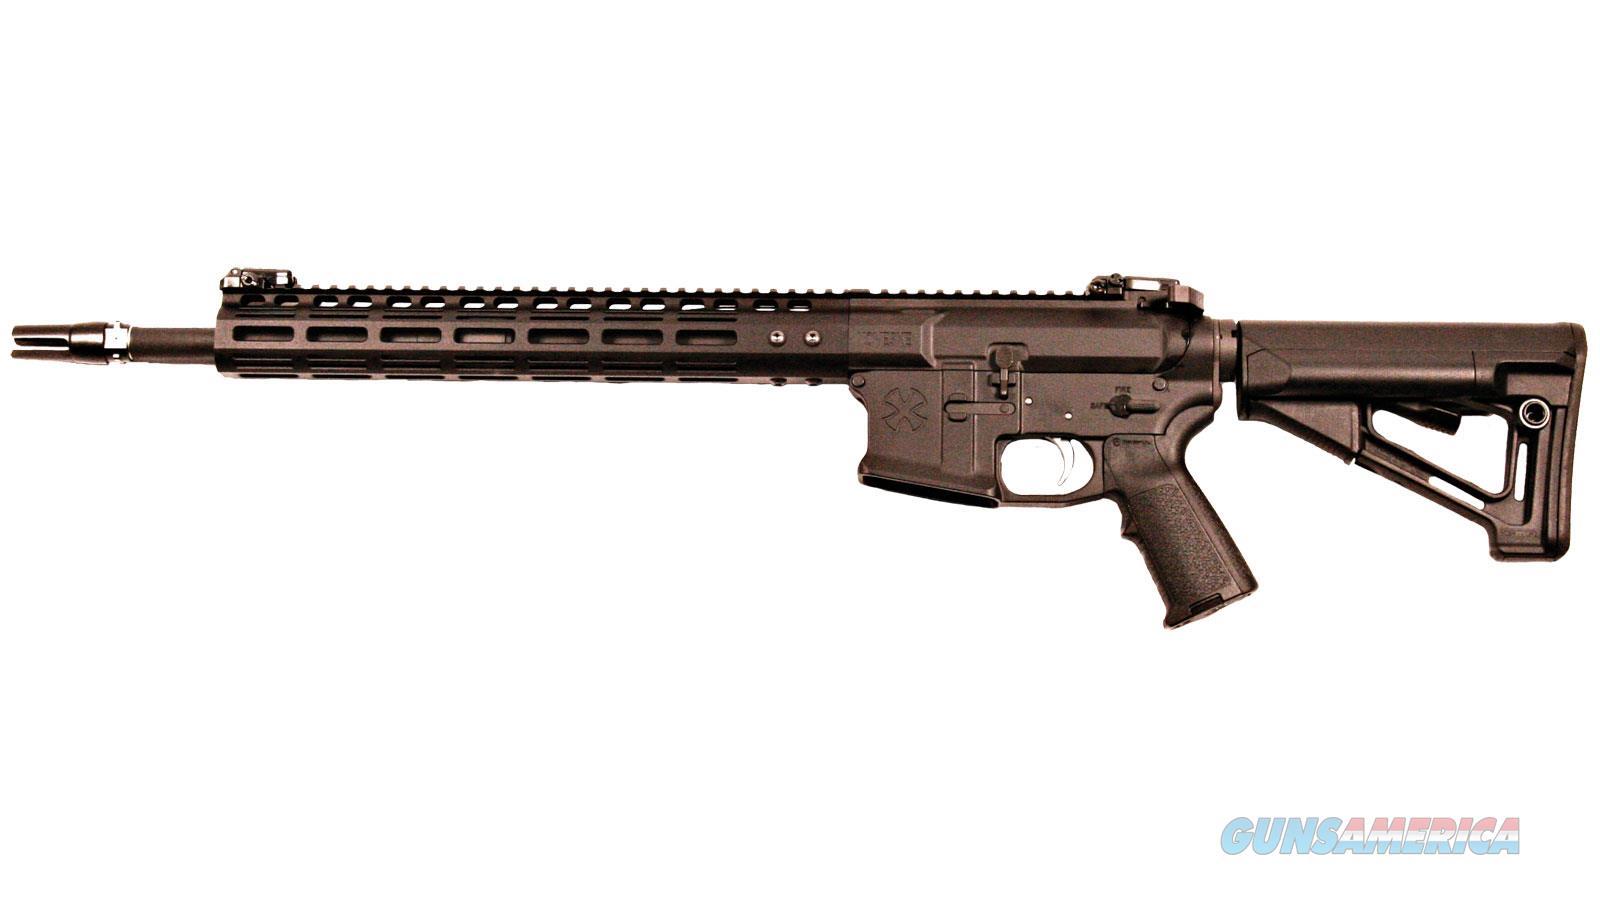 Noveske Rifleworks Llc Geniii Light Recce M-Lok 02000430  Guns > Rifles > MN Misc Rifles